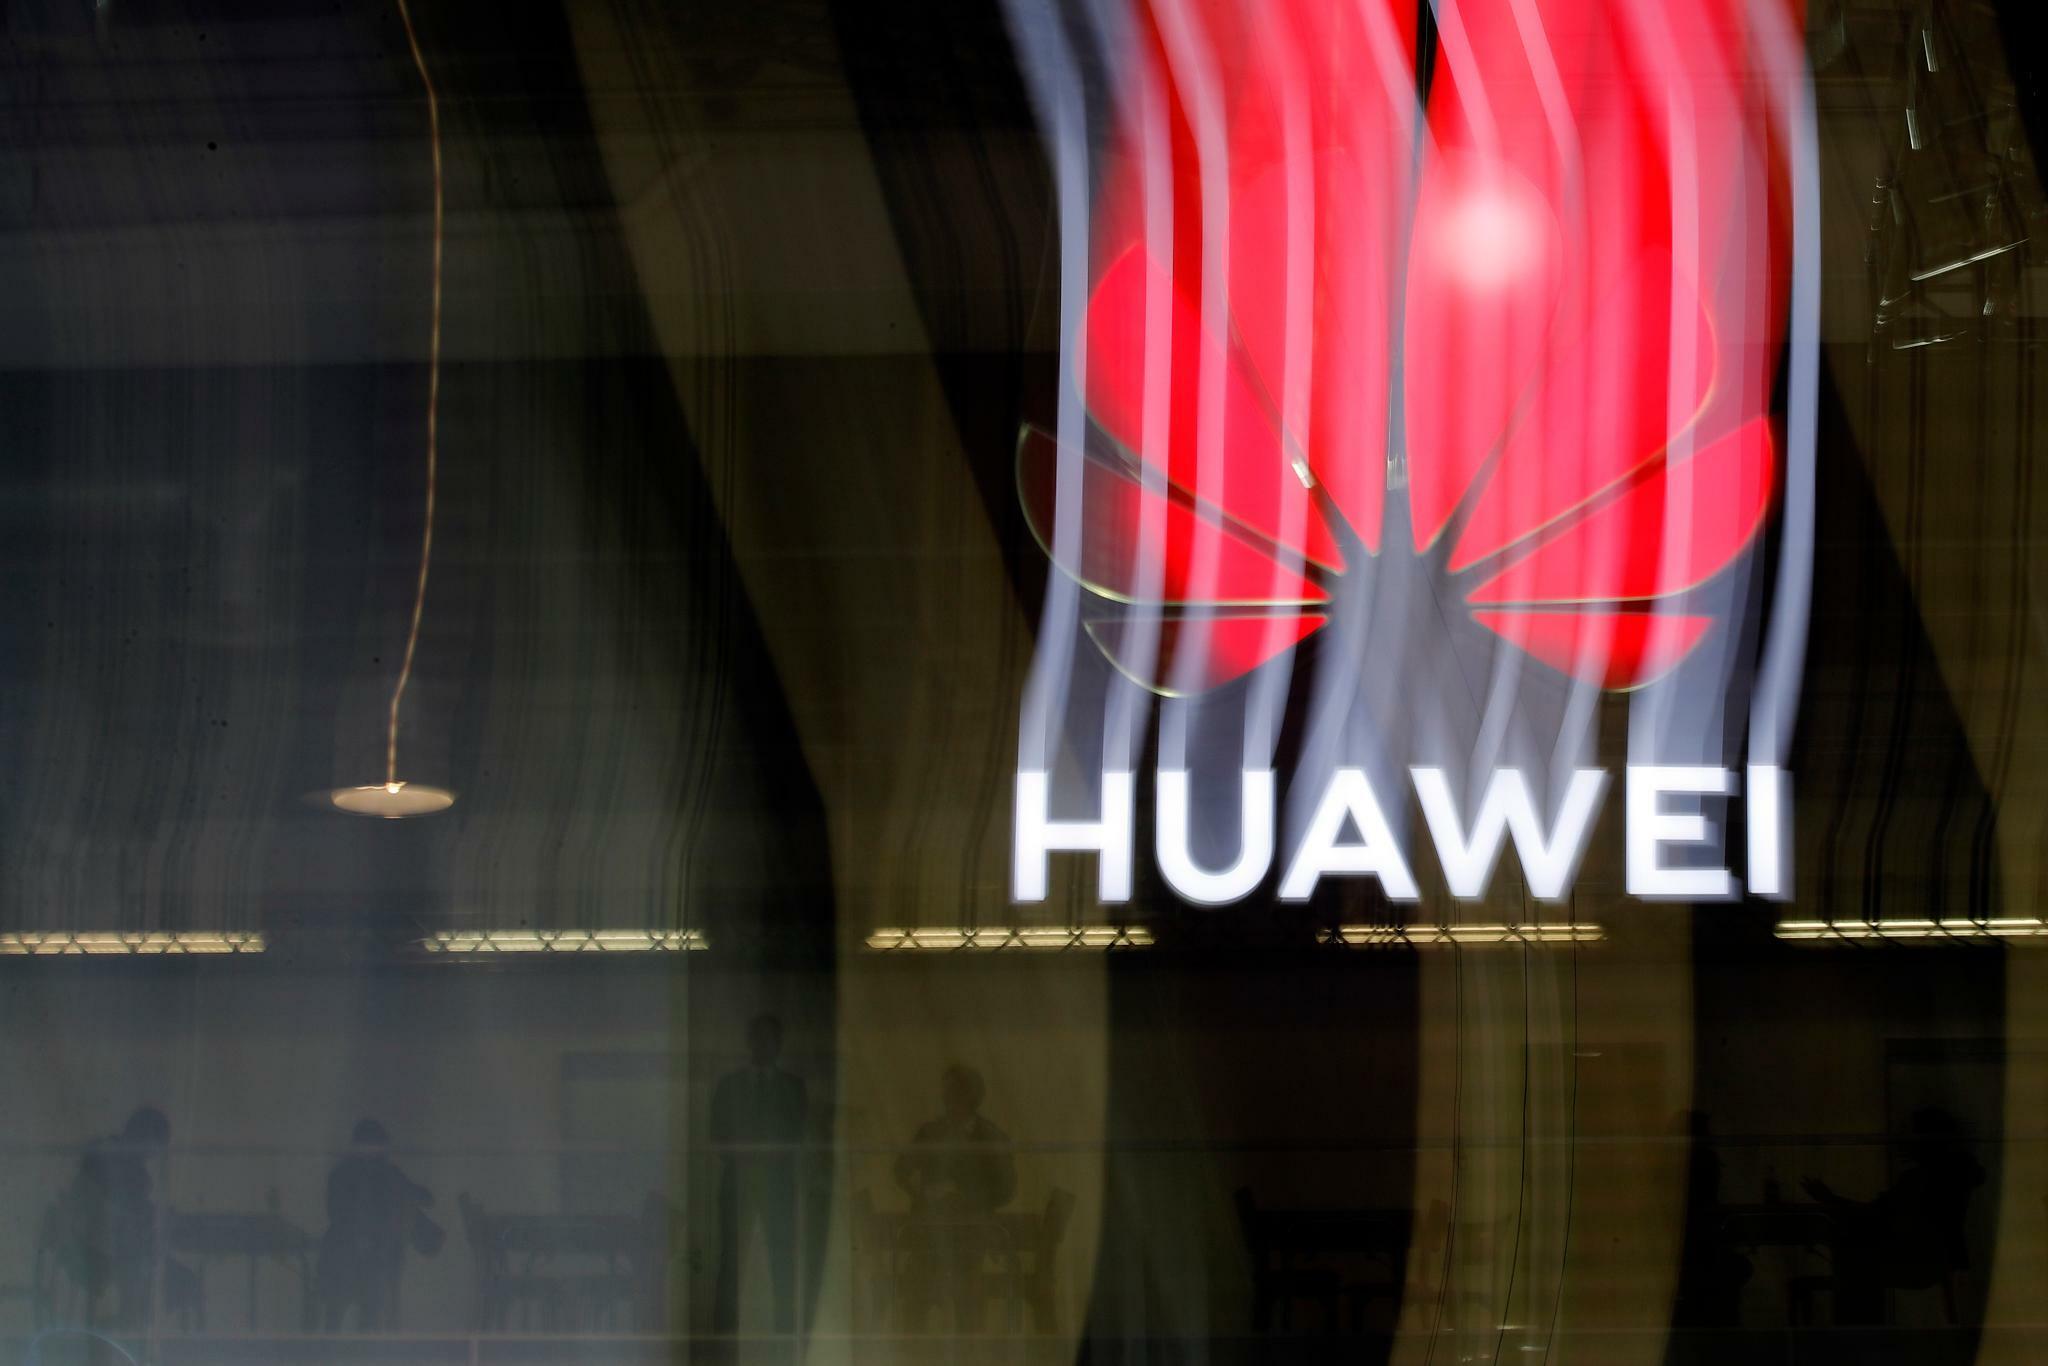 Huawei: US-Firmen dürfen vorerst weiter mit Tech-Konzern handeln